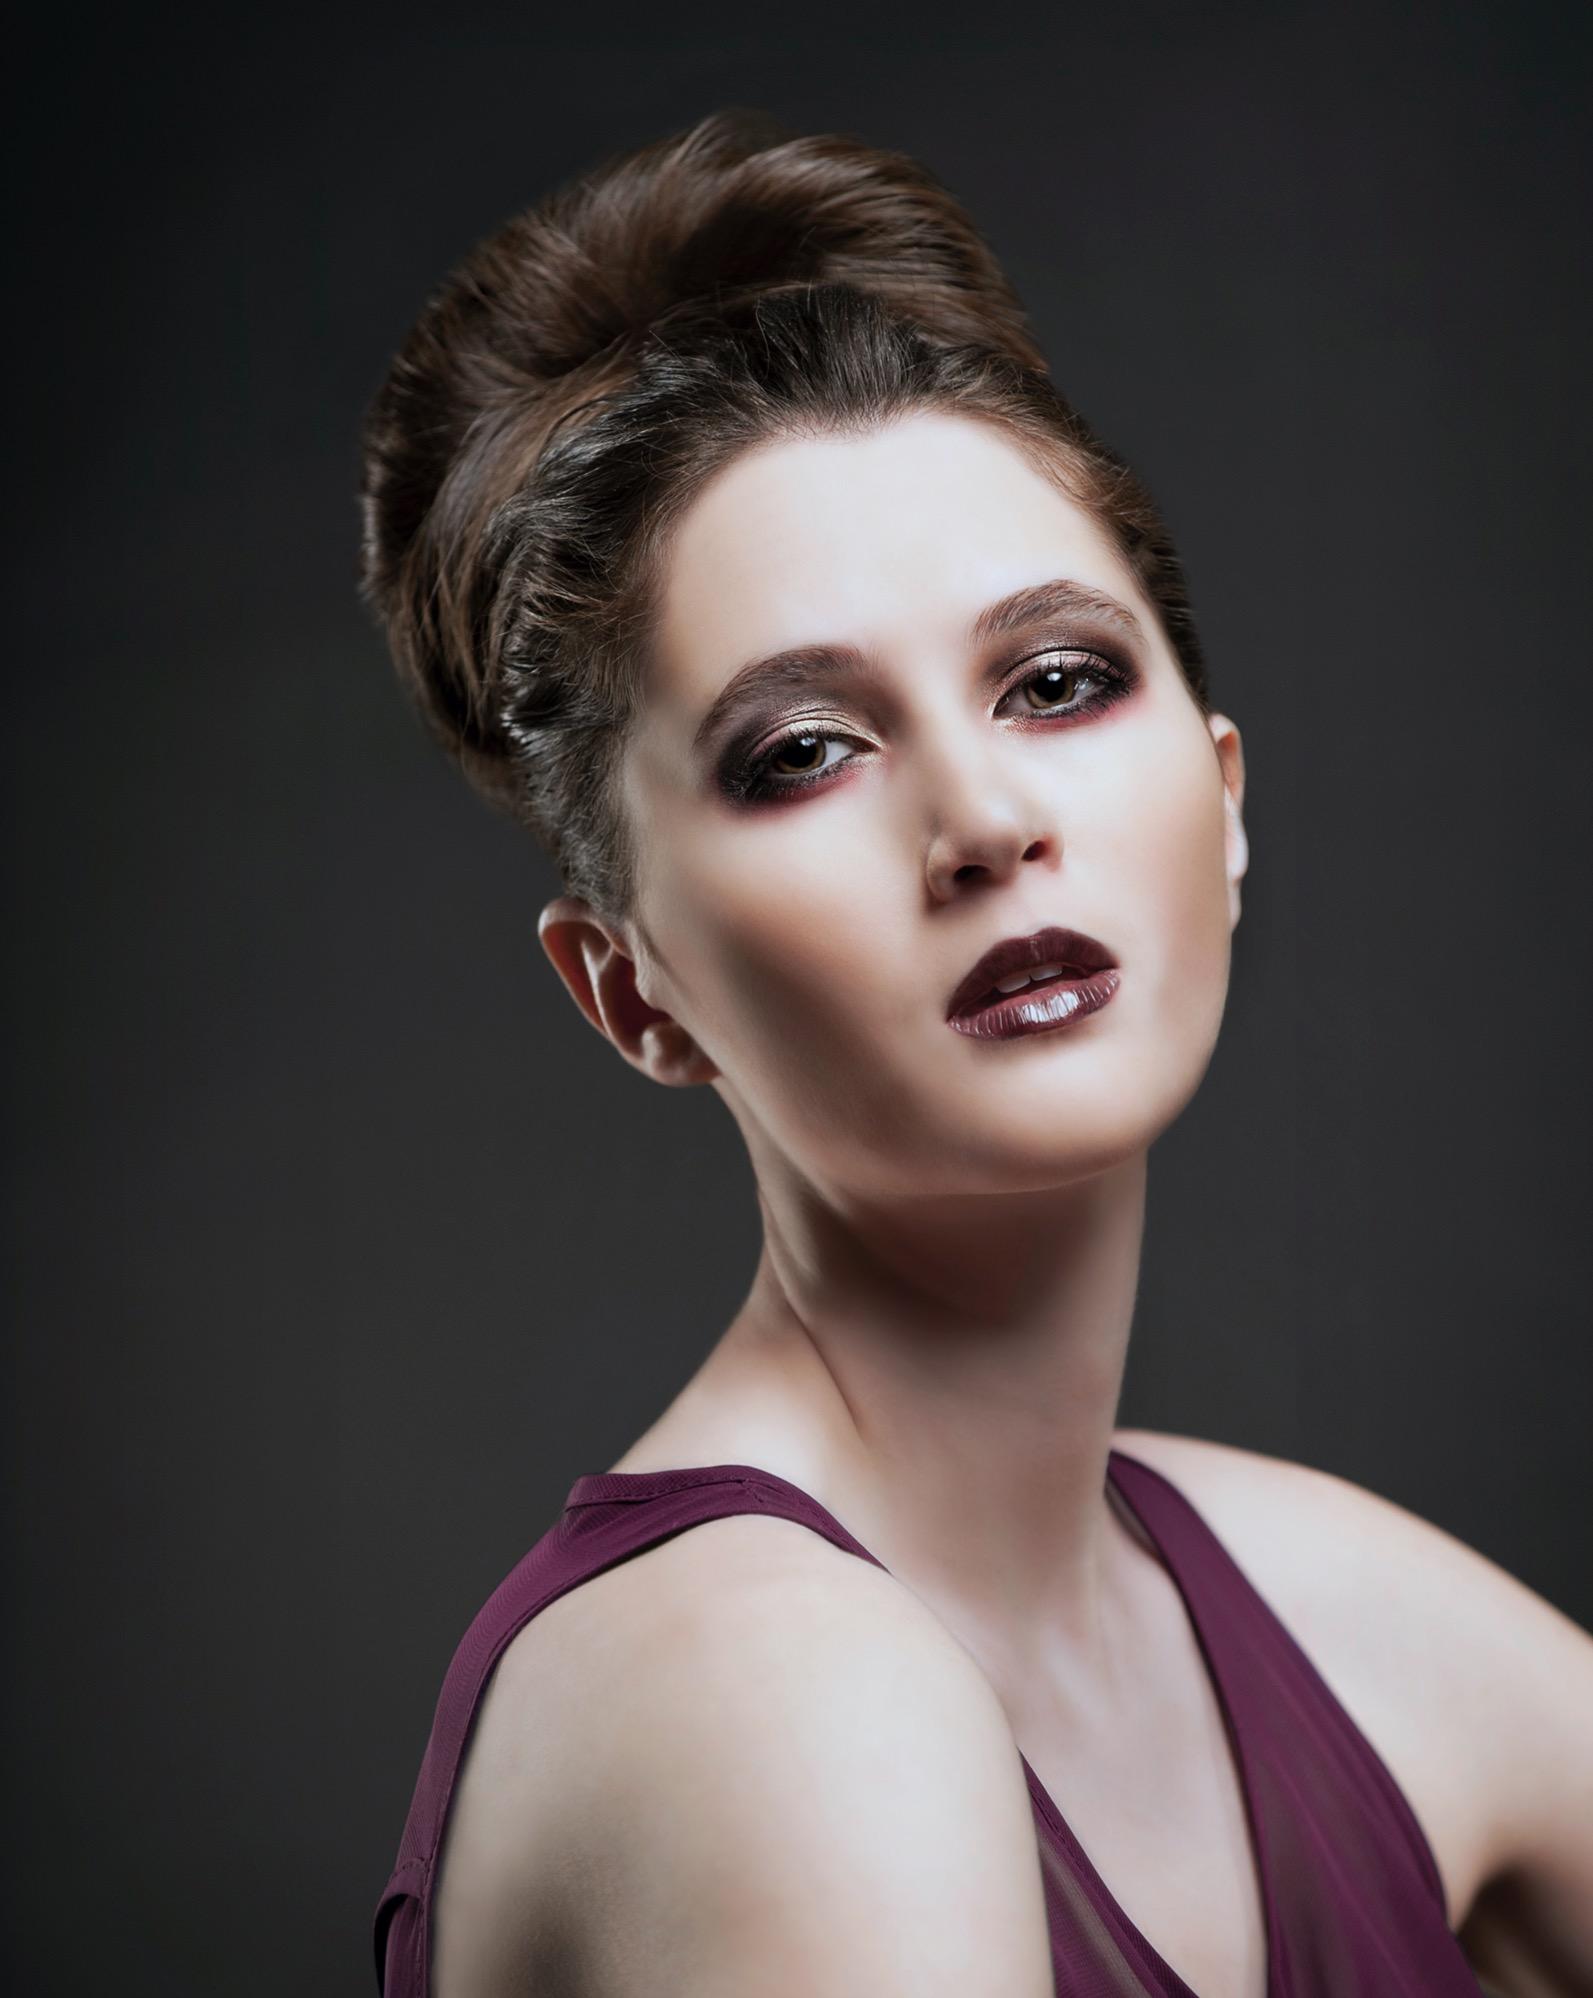 Fashion & Model Portfolio